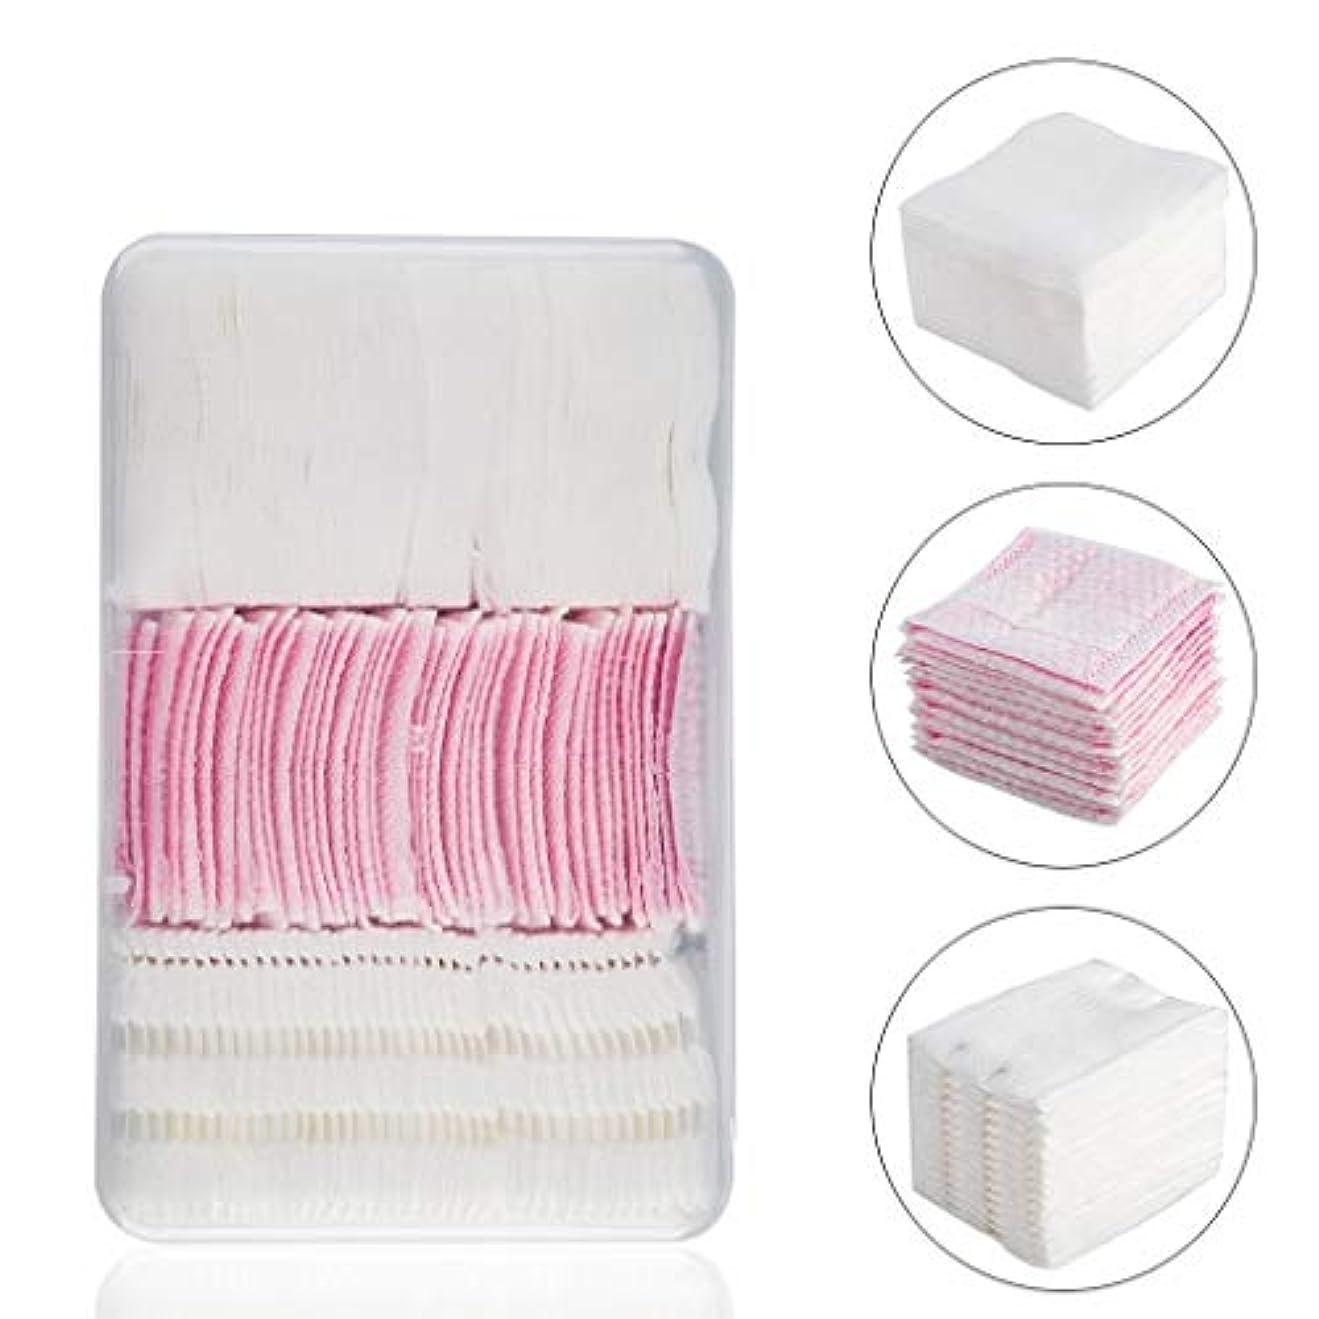 腫瘍裁定本当にクレンジングシート コンビネーション使い捨て厚い綿パッド薄いパッドクリーニングワイパーリムーバーソフト多層クレンジングタオルタオルパッド (Color : White or Pink)